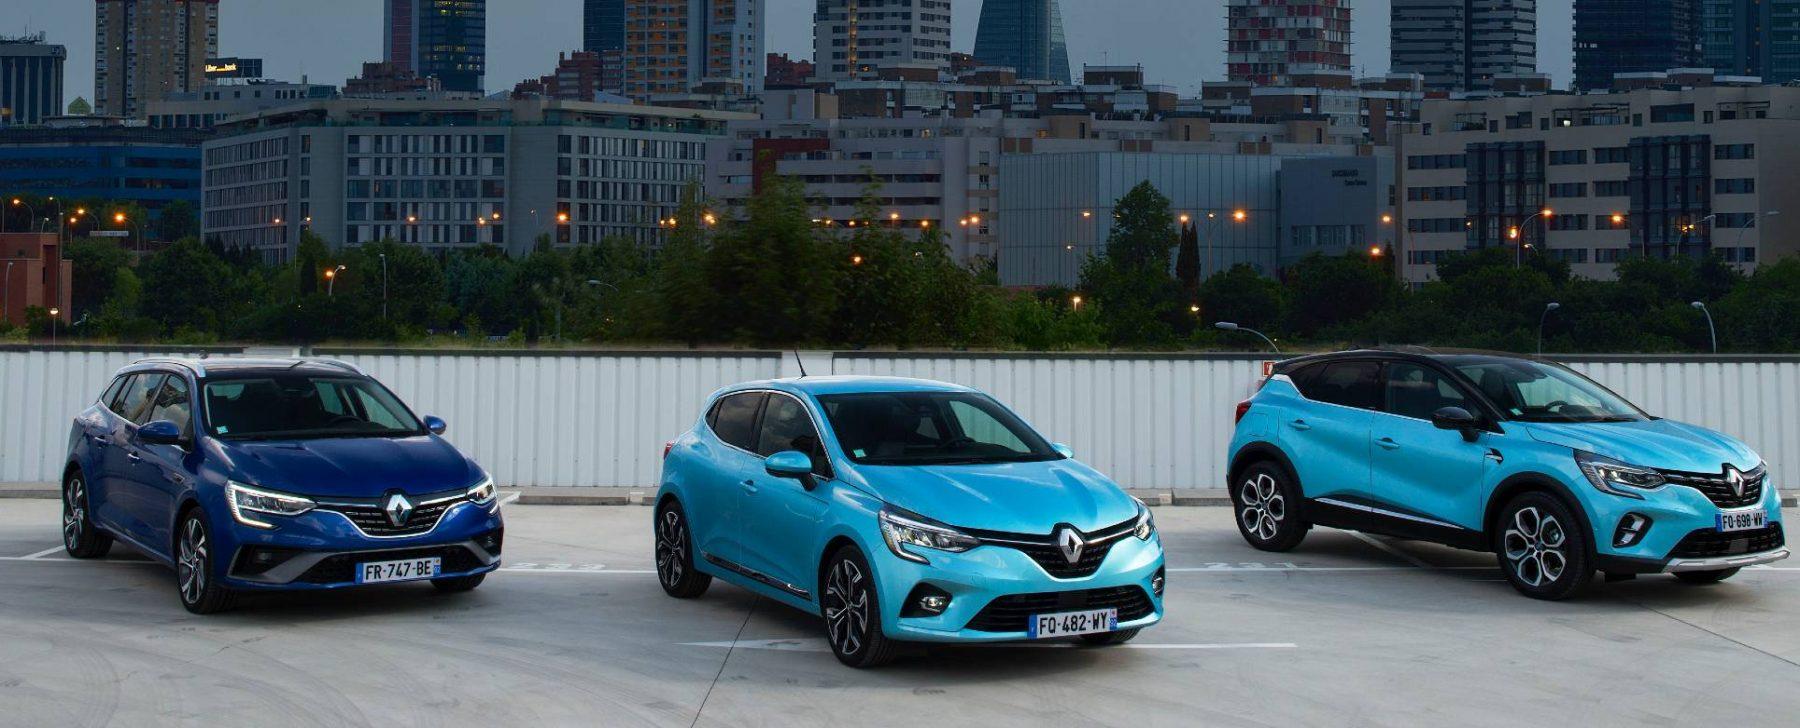 La tecnología híbrida de Renault que desafía a las marcas orientales